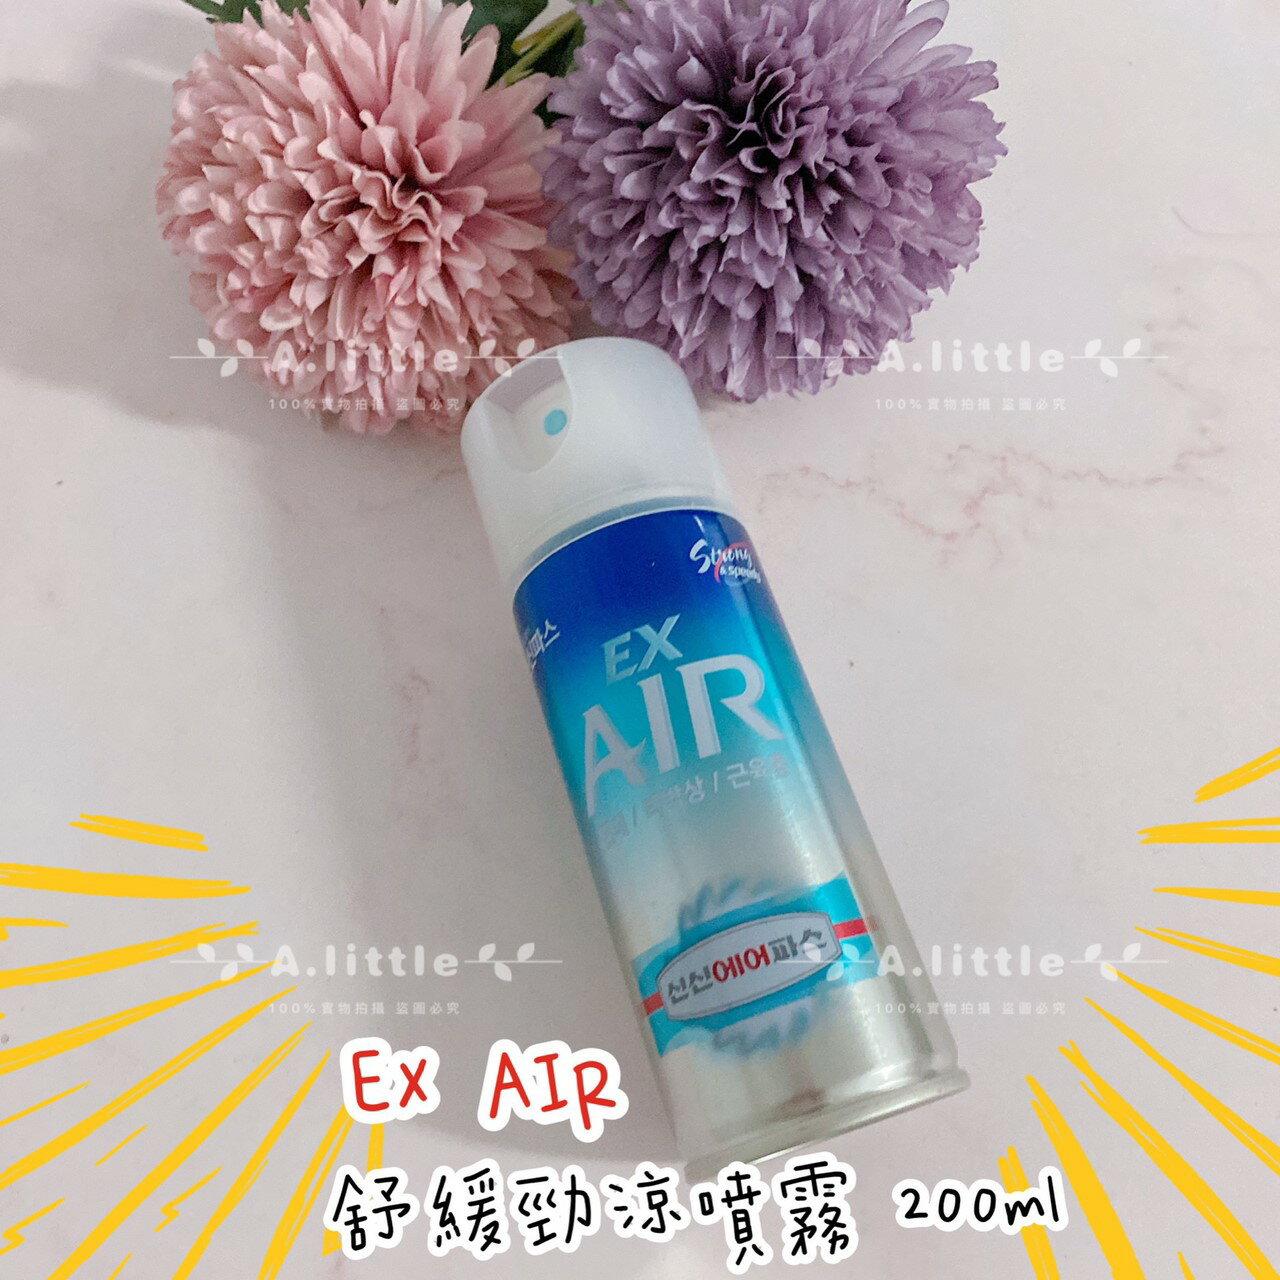 韓國 EX AIR舒緩勁涼噴霧 200ml